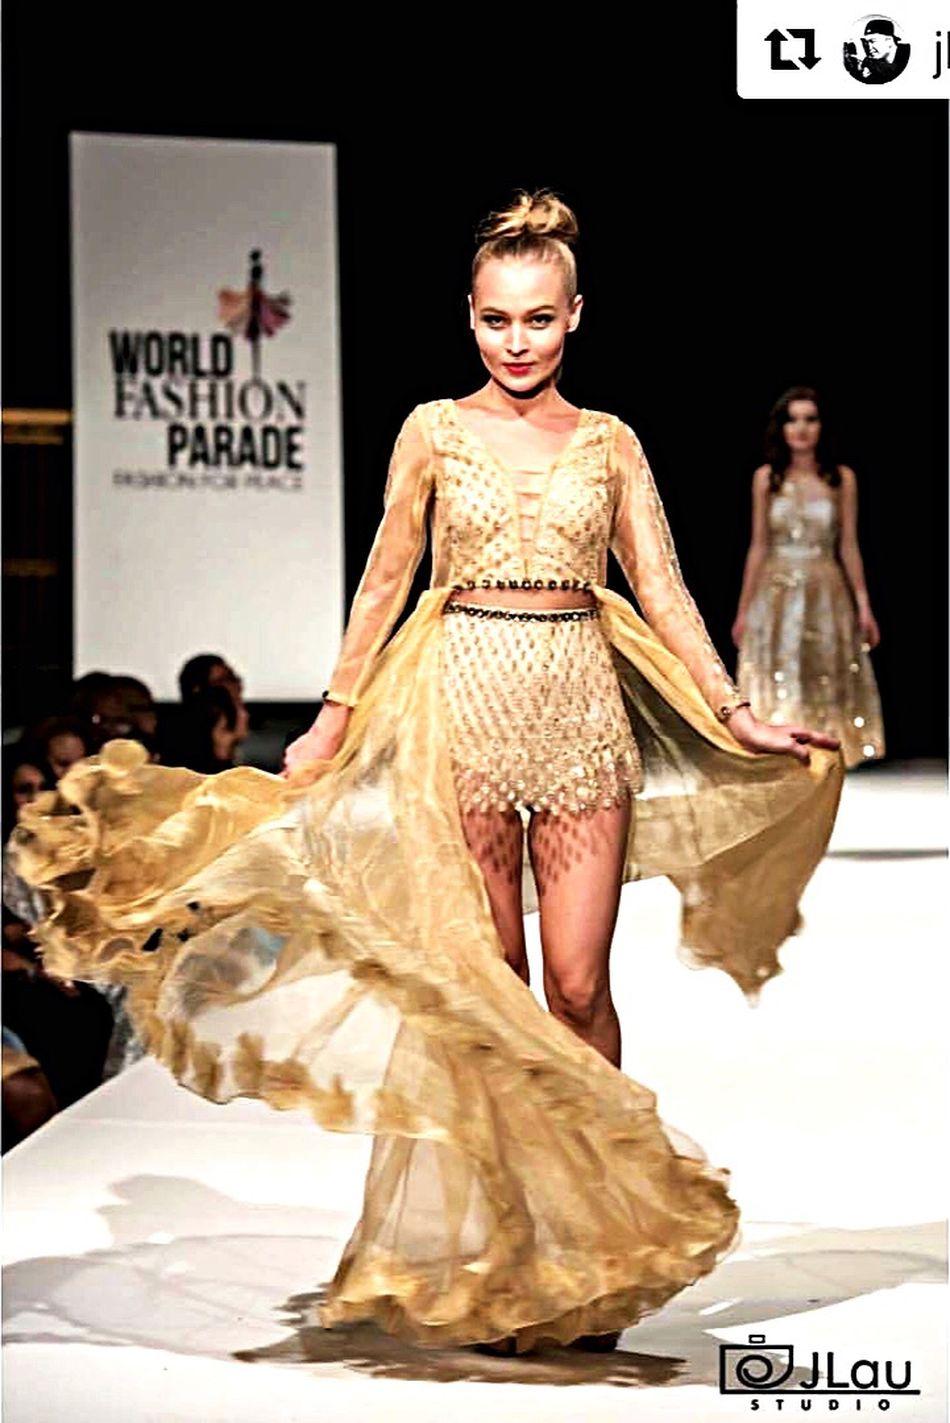 #NY Fashionshow Worldfashionparade #goldshimmer FashionDesigner Nepal Mydesign